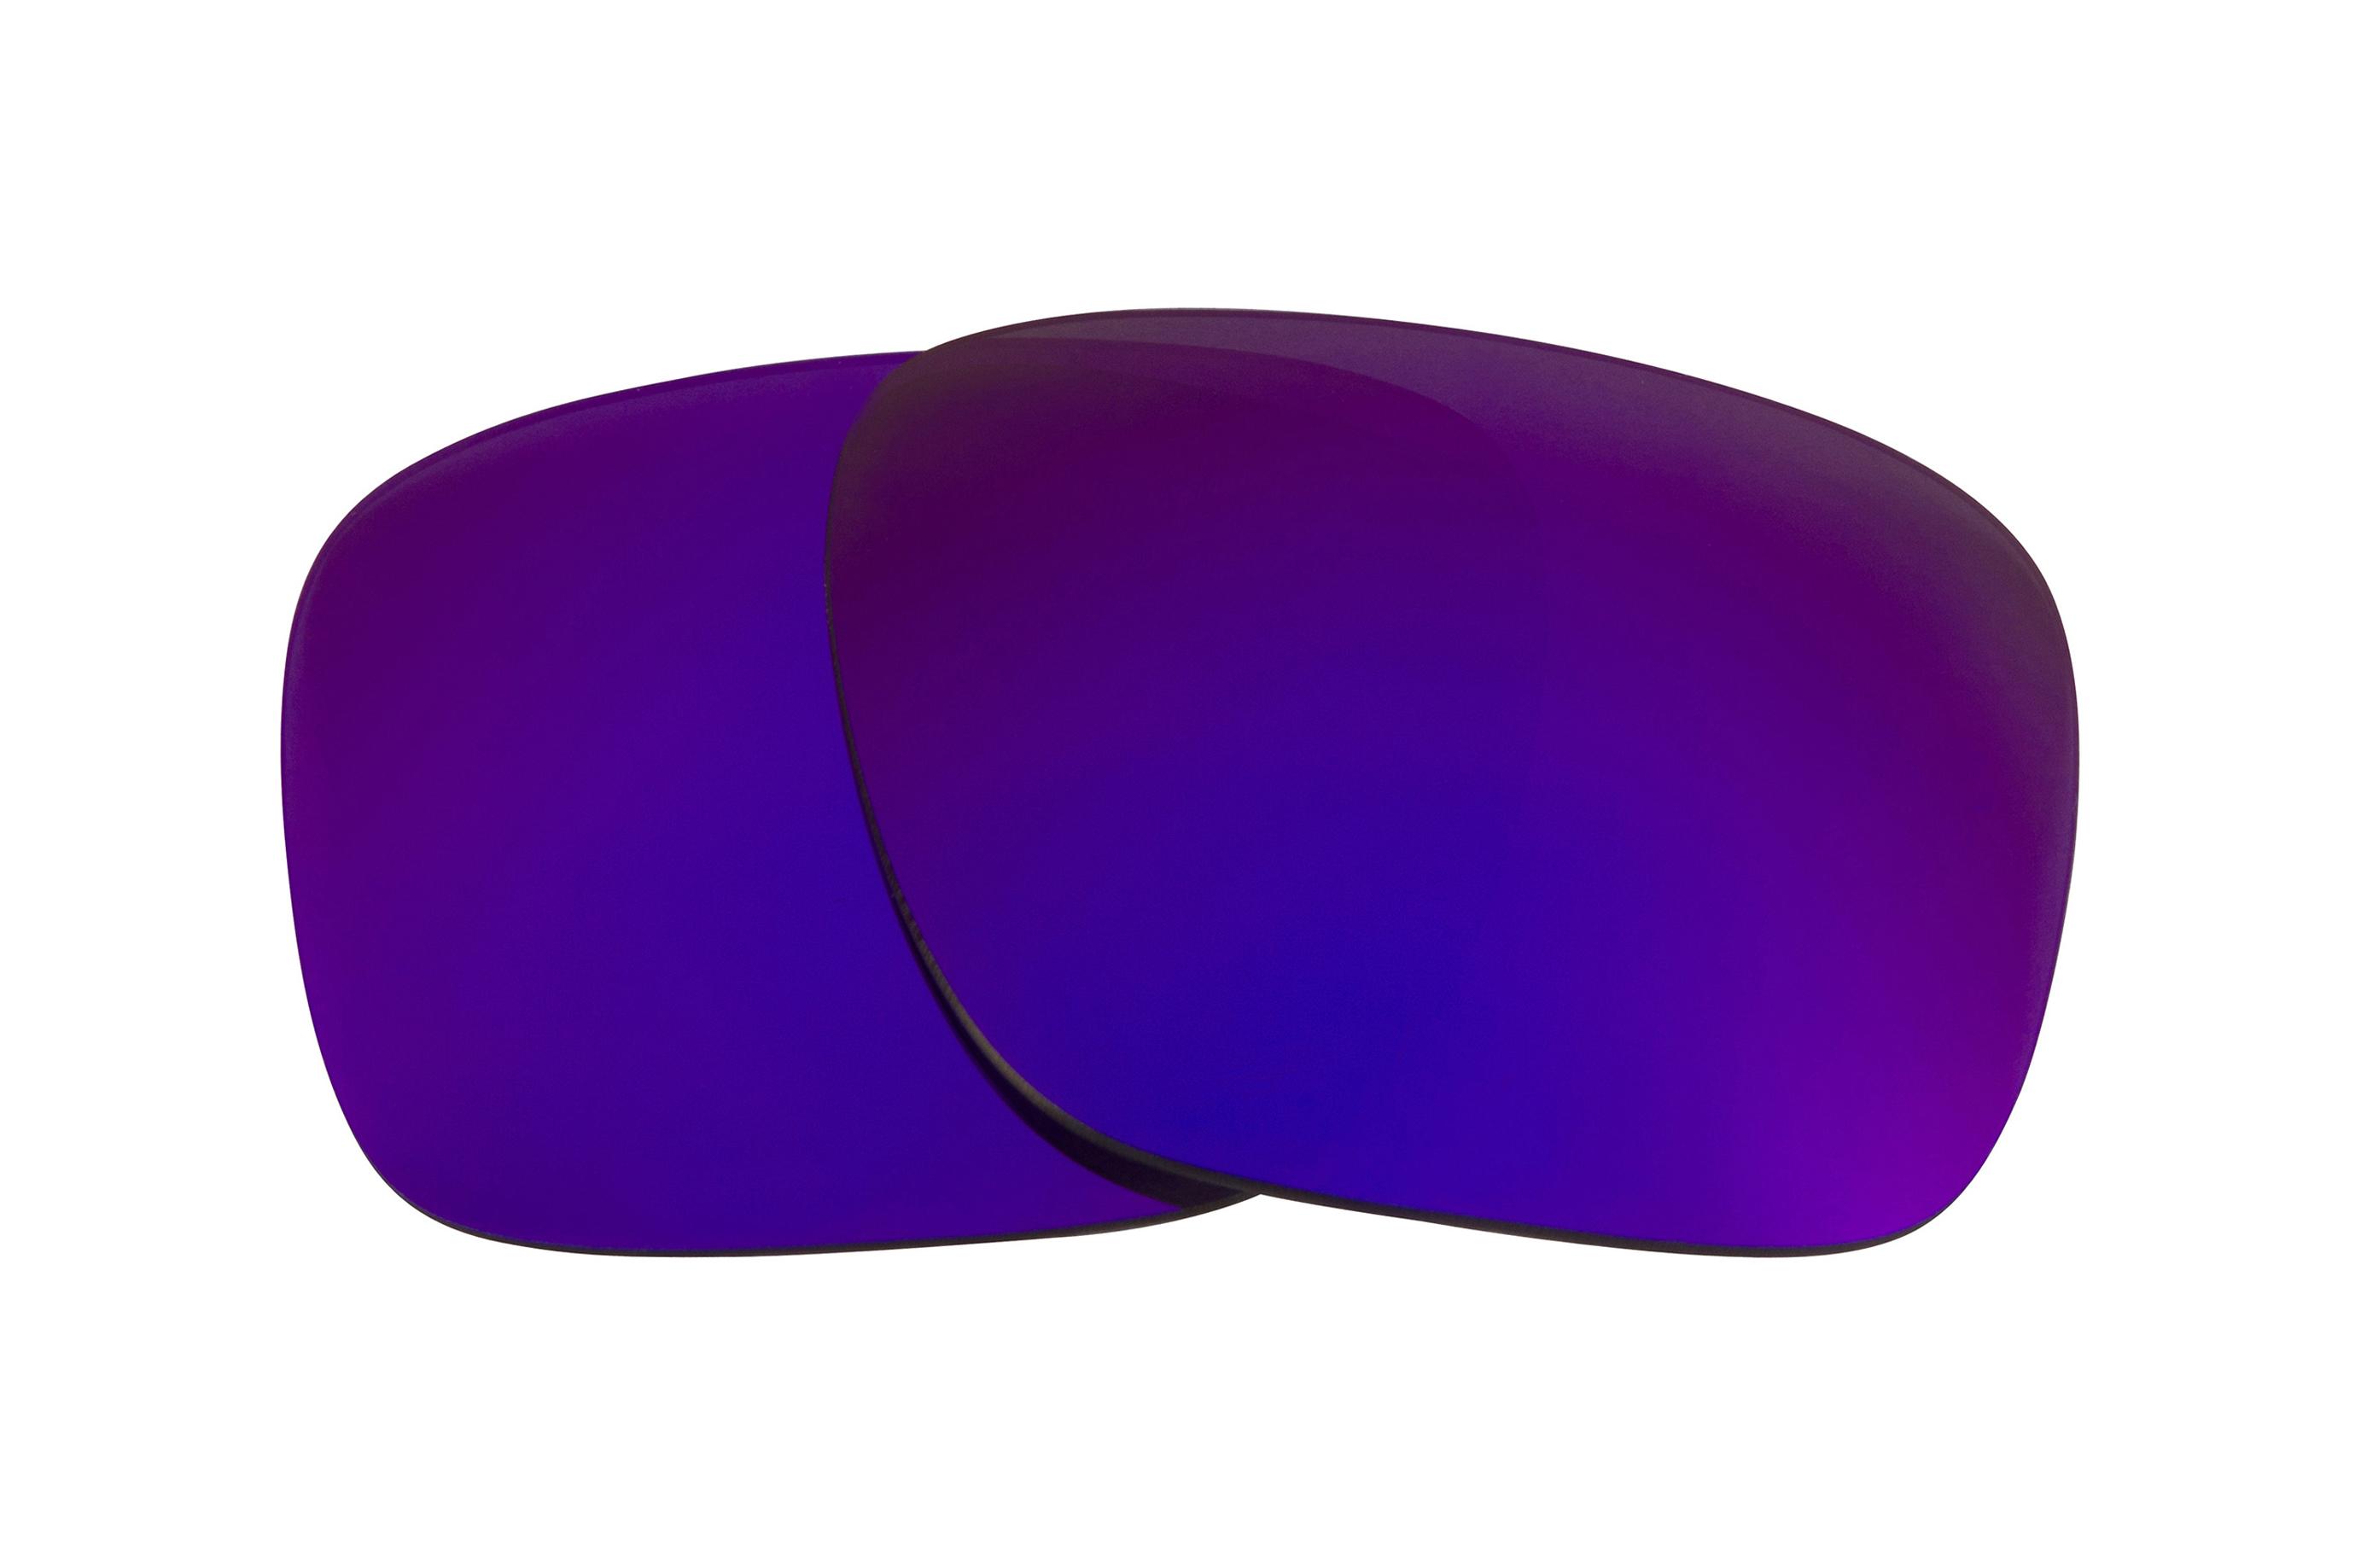 c071134fbc796 Oakley Holbrook Lenses Purple « Heritage Malta